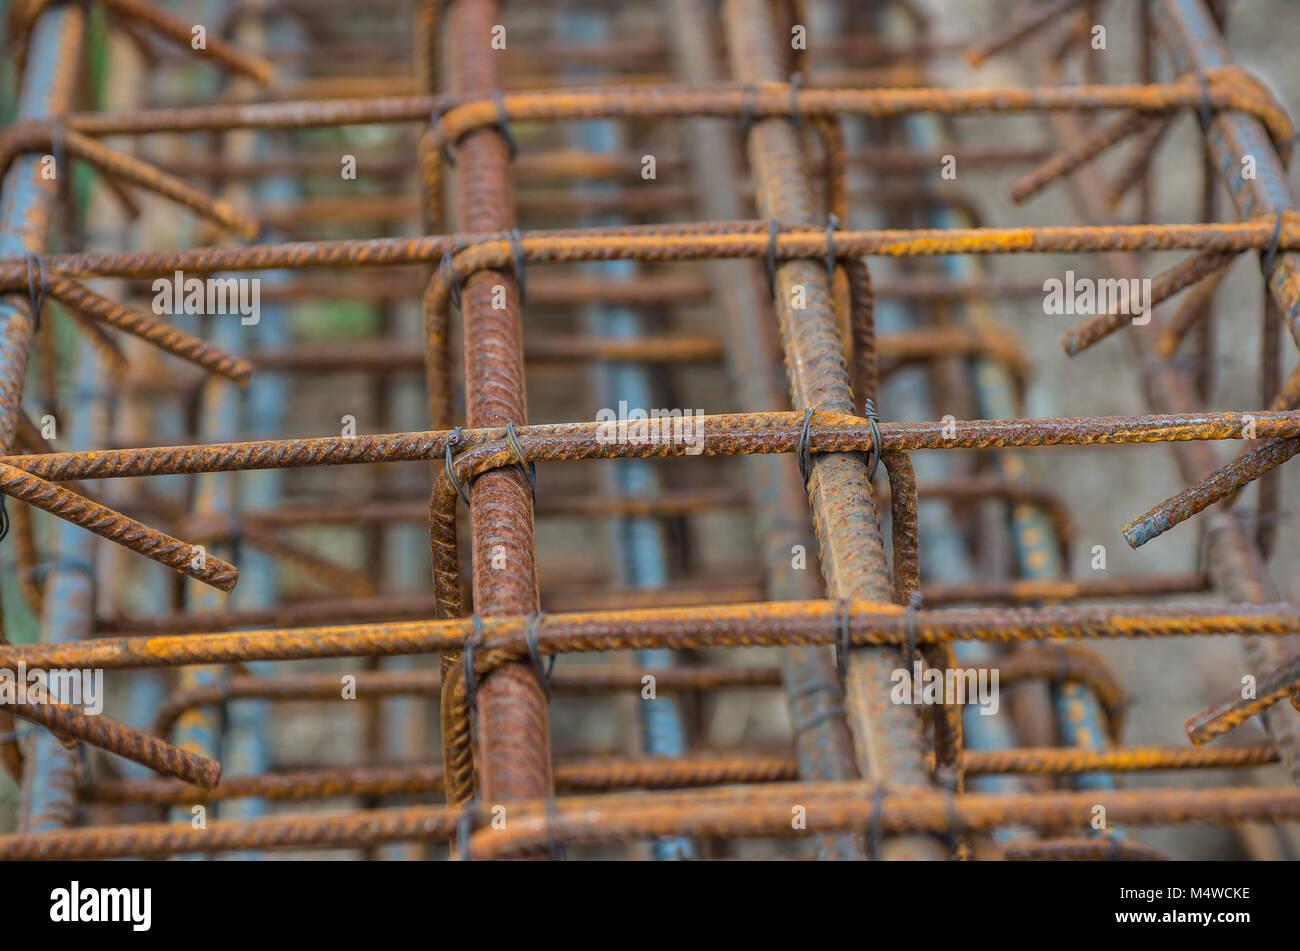 Drahtgitter von Beton zu gießen Stockfoto, Bild: 175121058 - Alamy